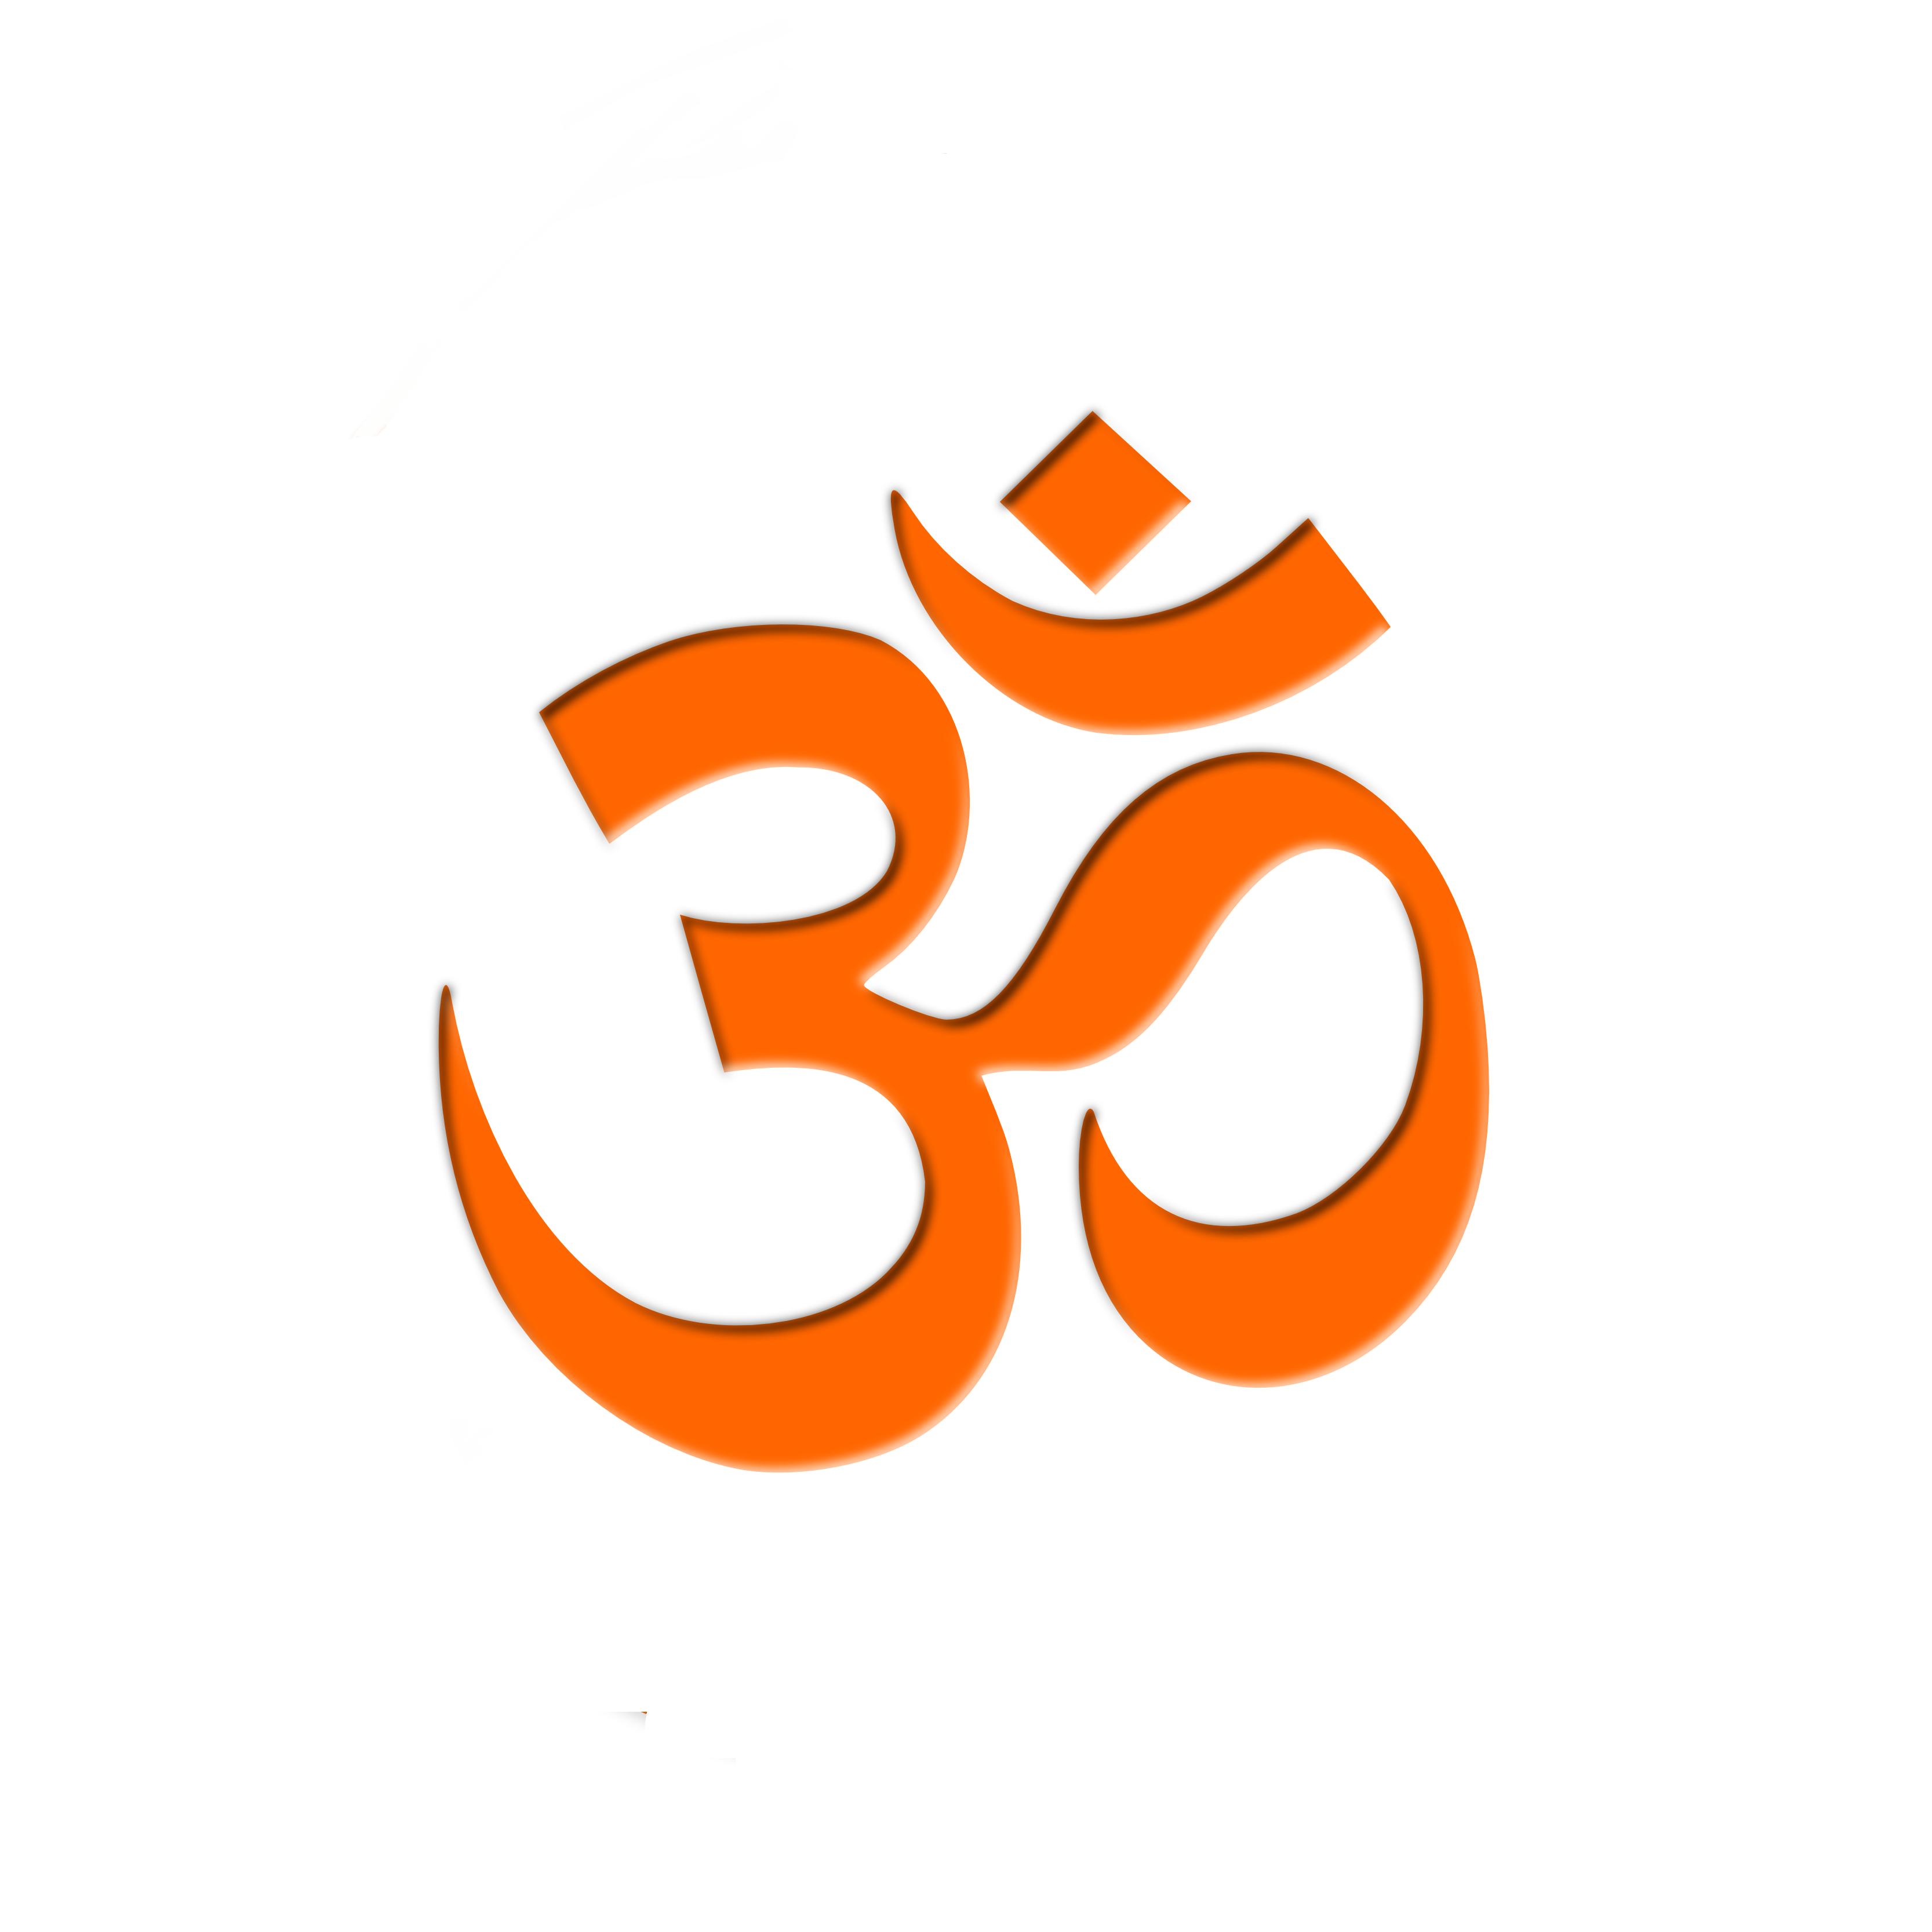 File:Om -symbol.png